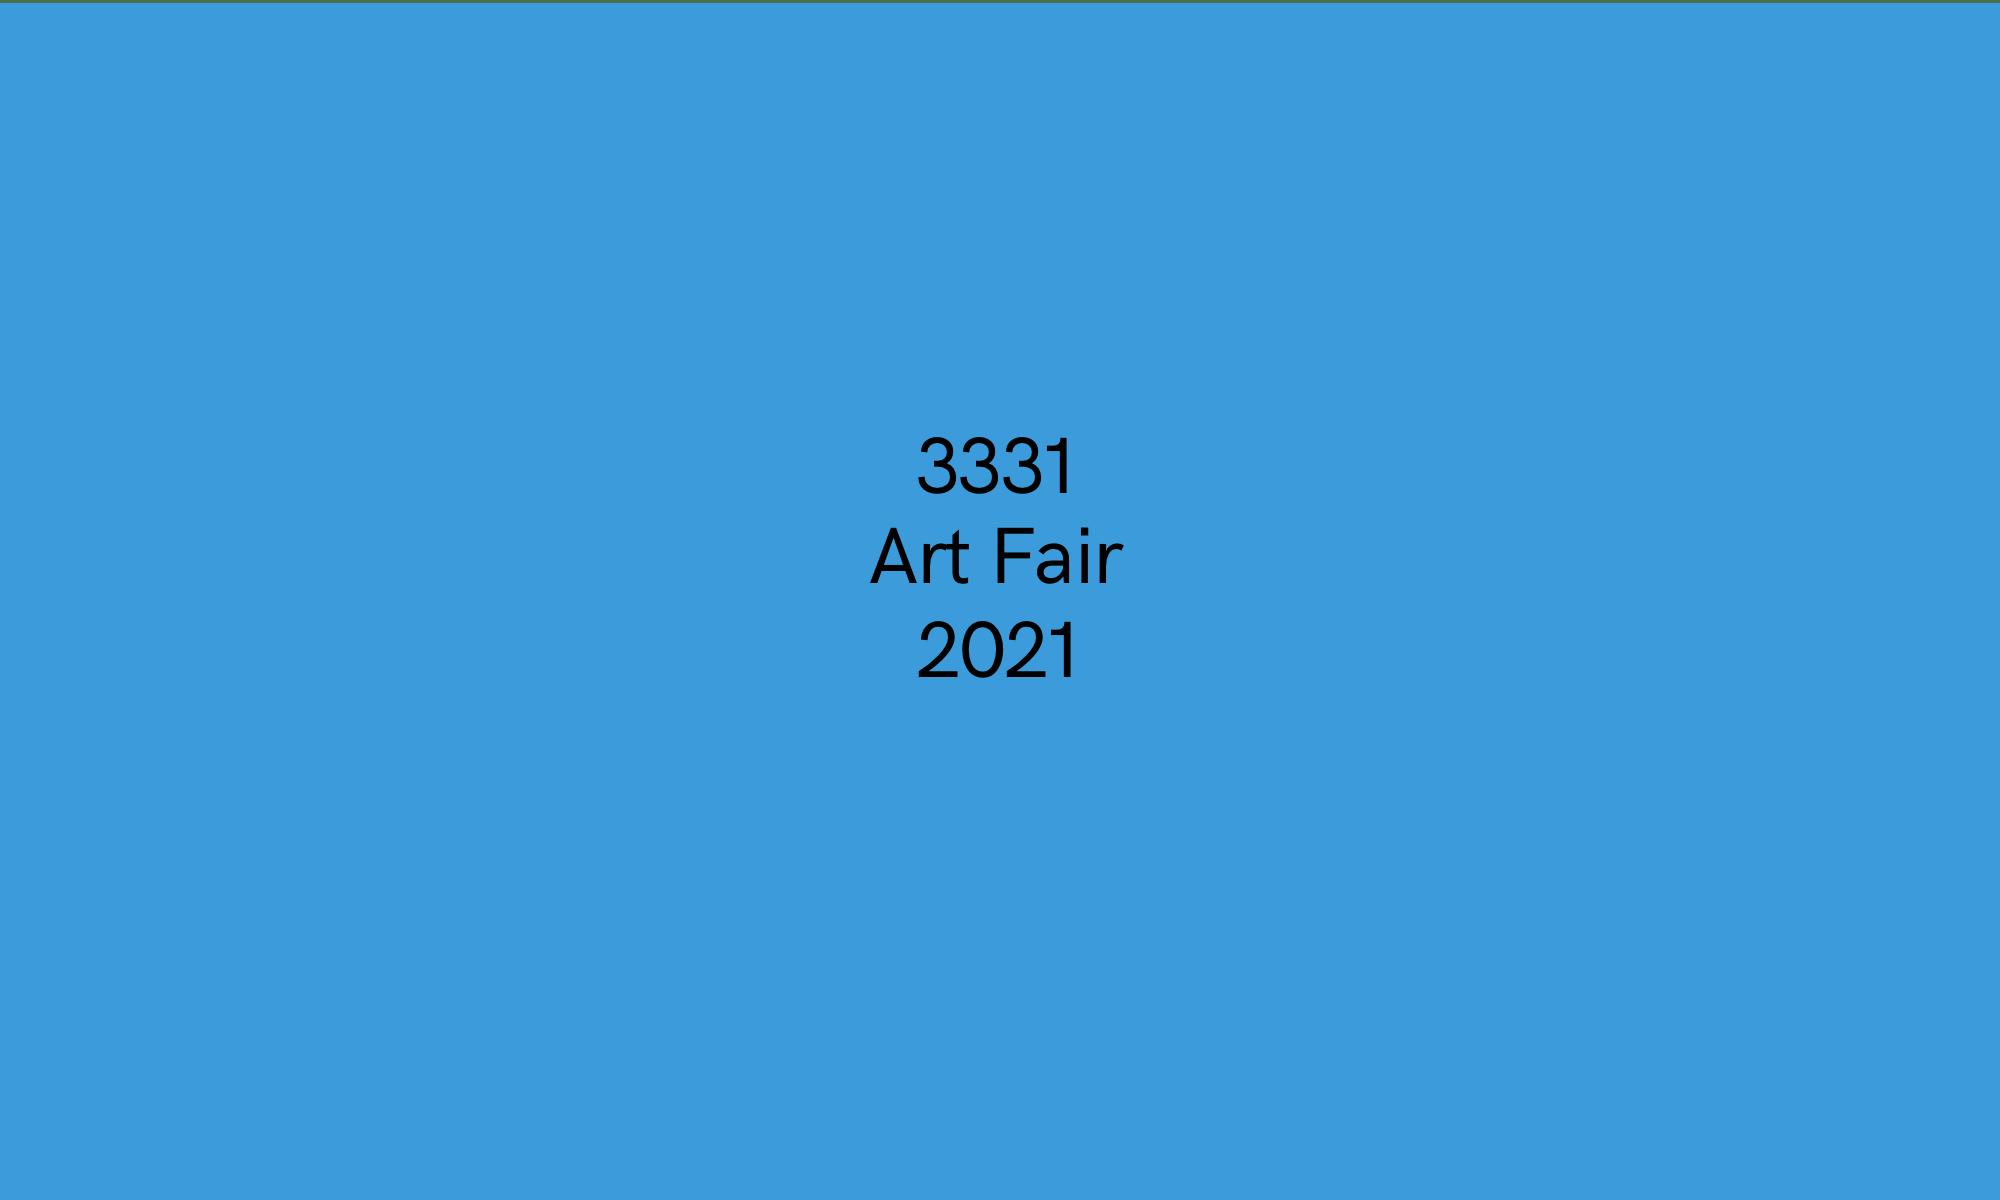 3331 Art Fair 2021